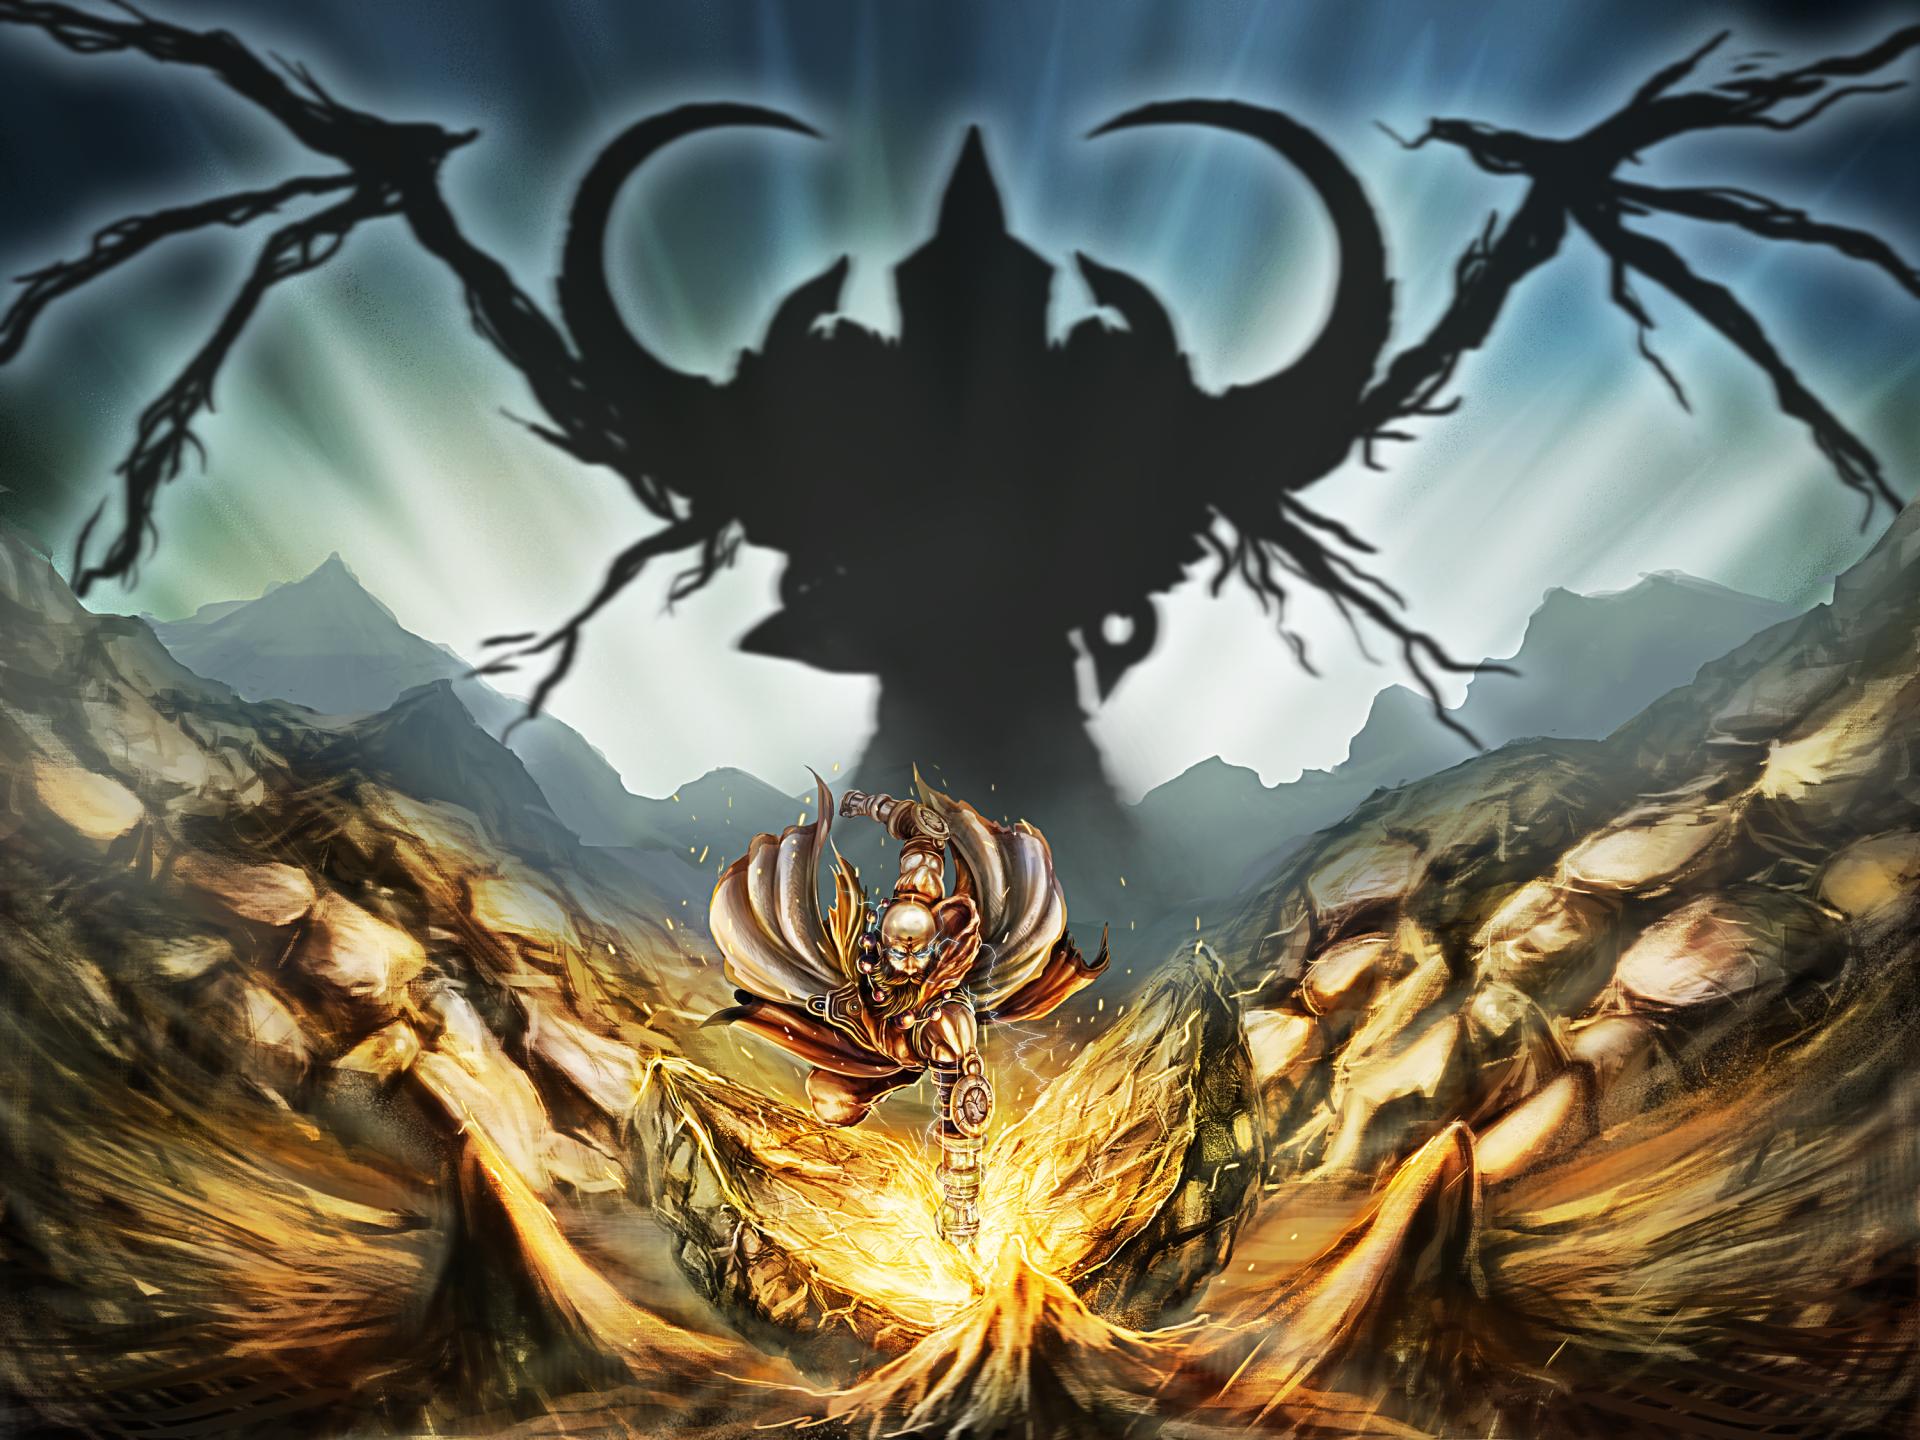 Video Game - Diablo III: Reaper Of Souls  Monk (Diablo III) Malthael (Diablo III) Wallpaper